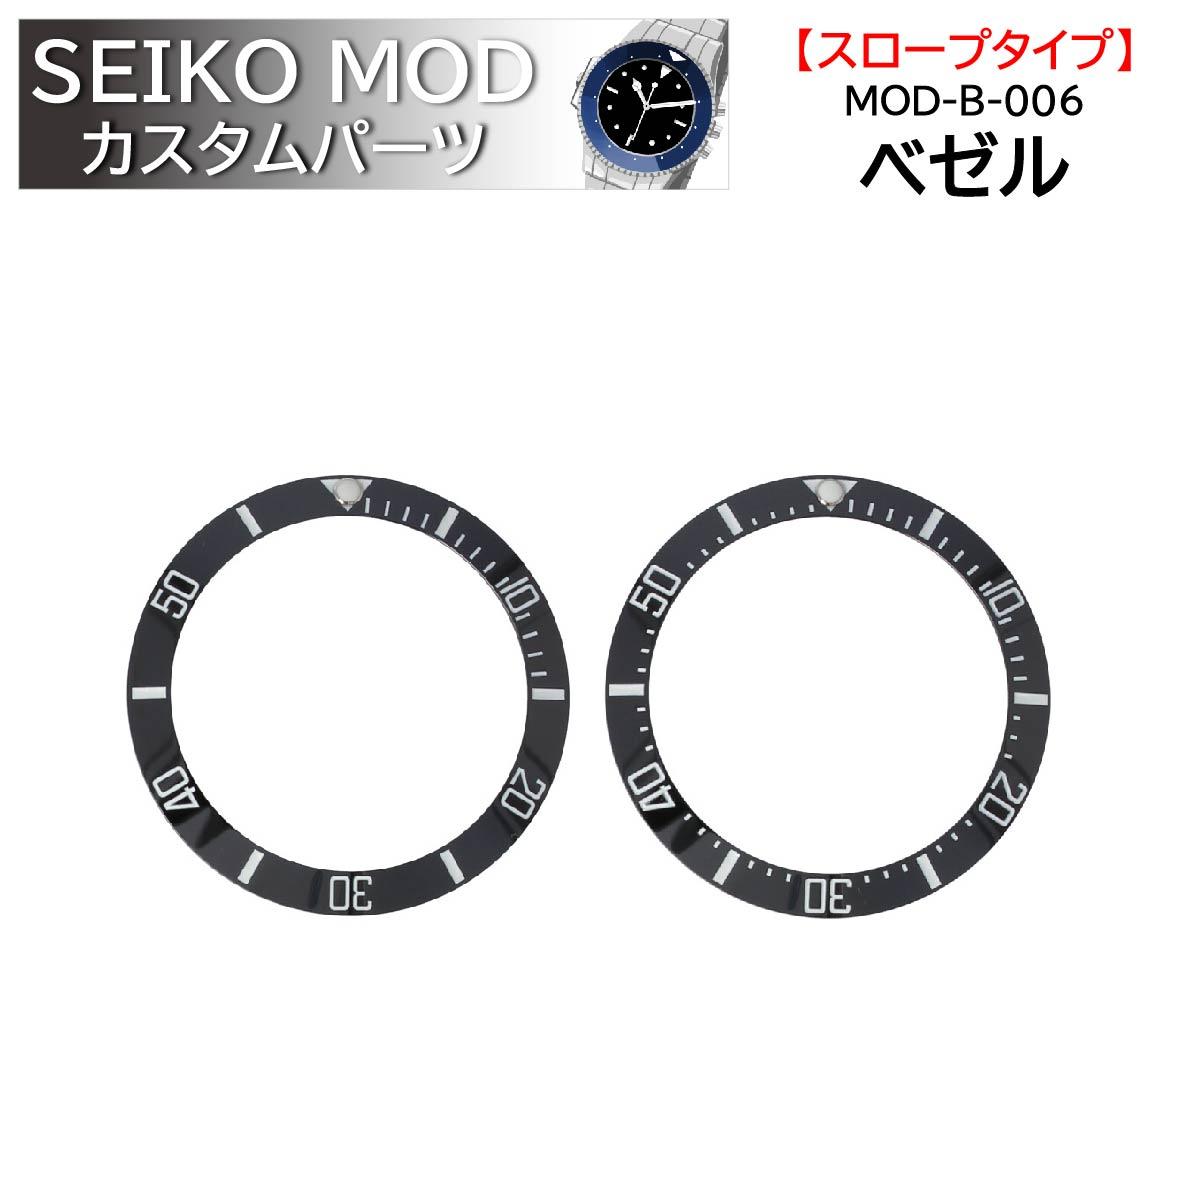 【おうち時間を活用】 SEIKO SKX007をGMT風にカスタム! SEIKO セイコー MOD SKX007 カスタム ベゼル ベゼルインサート スロープタイプ セラミック MOD-B-006